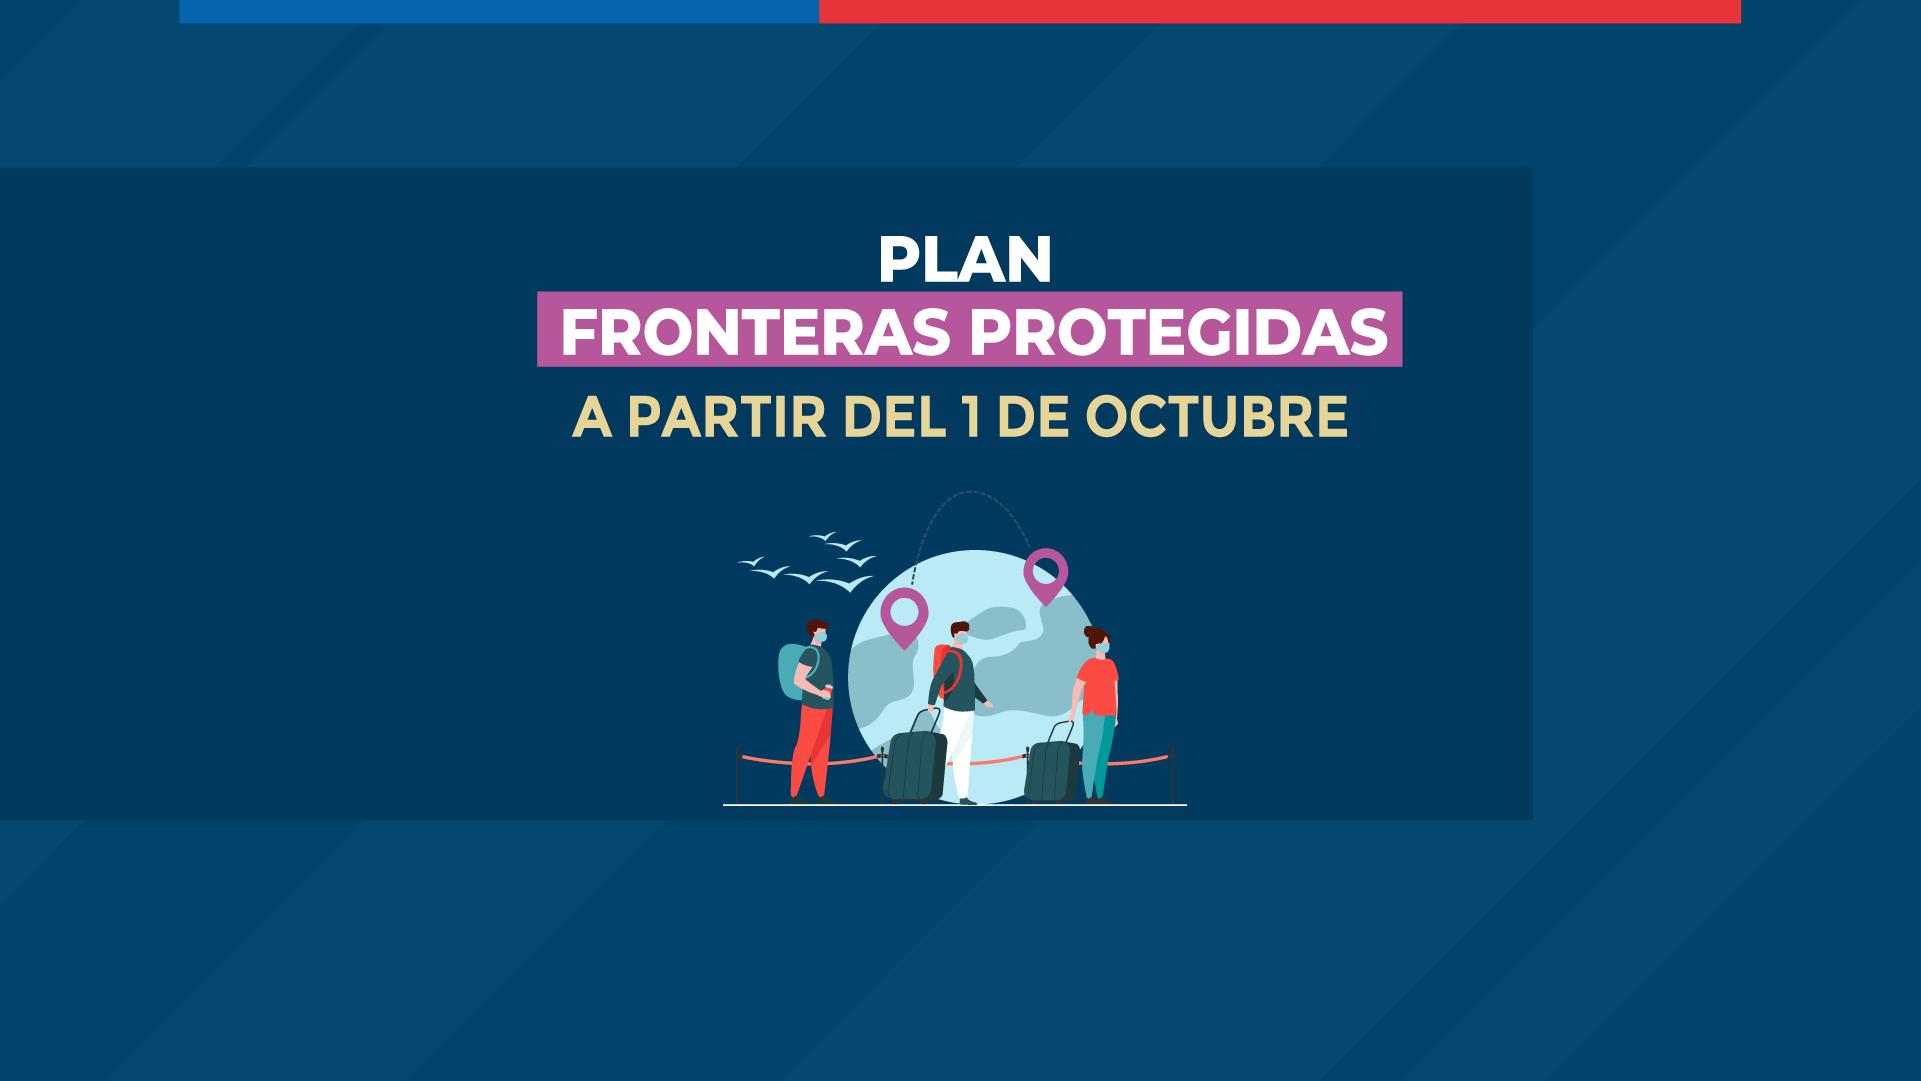 Se anuncian cambios al plan fronteras protegidas 1 de octubre 2021 immichile chile